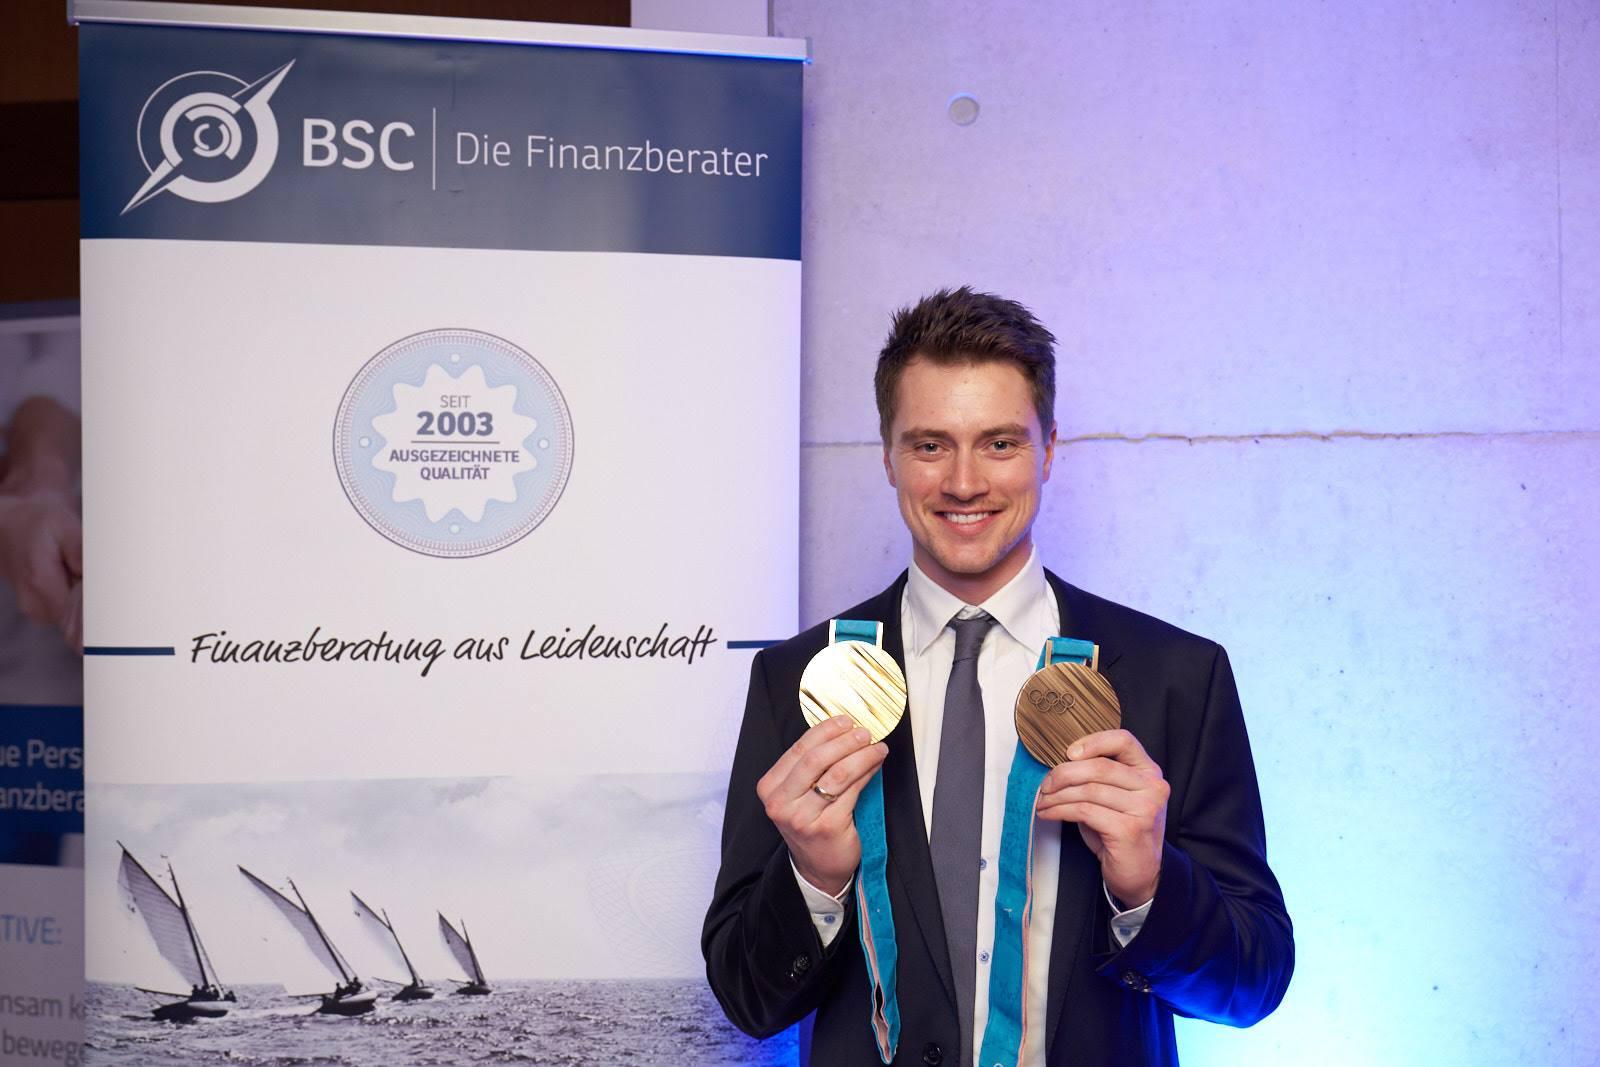 Langjähriger BSC-Kunde und Olympiasieger im Rennrodeln: Johannes Ludwig